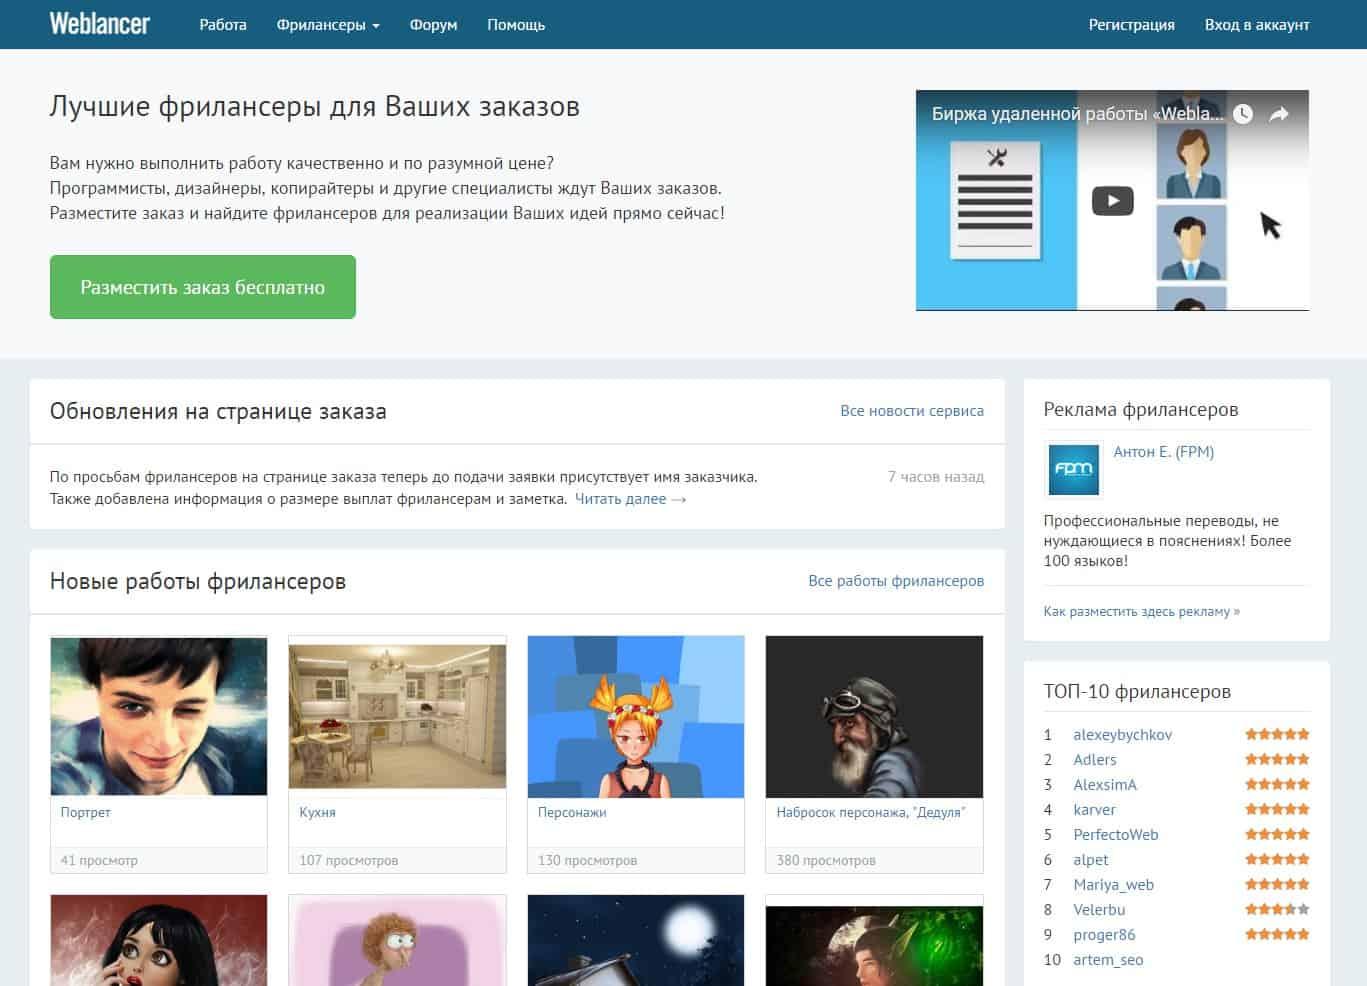 Работа для фрилансеров украина реальная удаленная работа в интернете без вложений